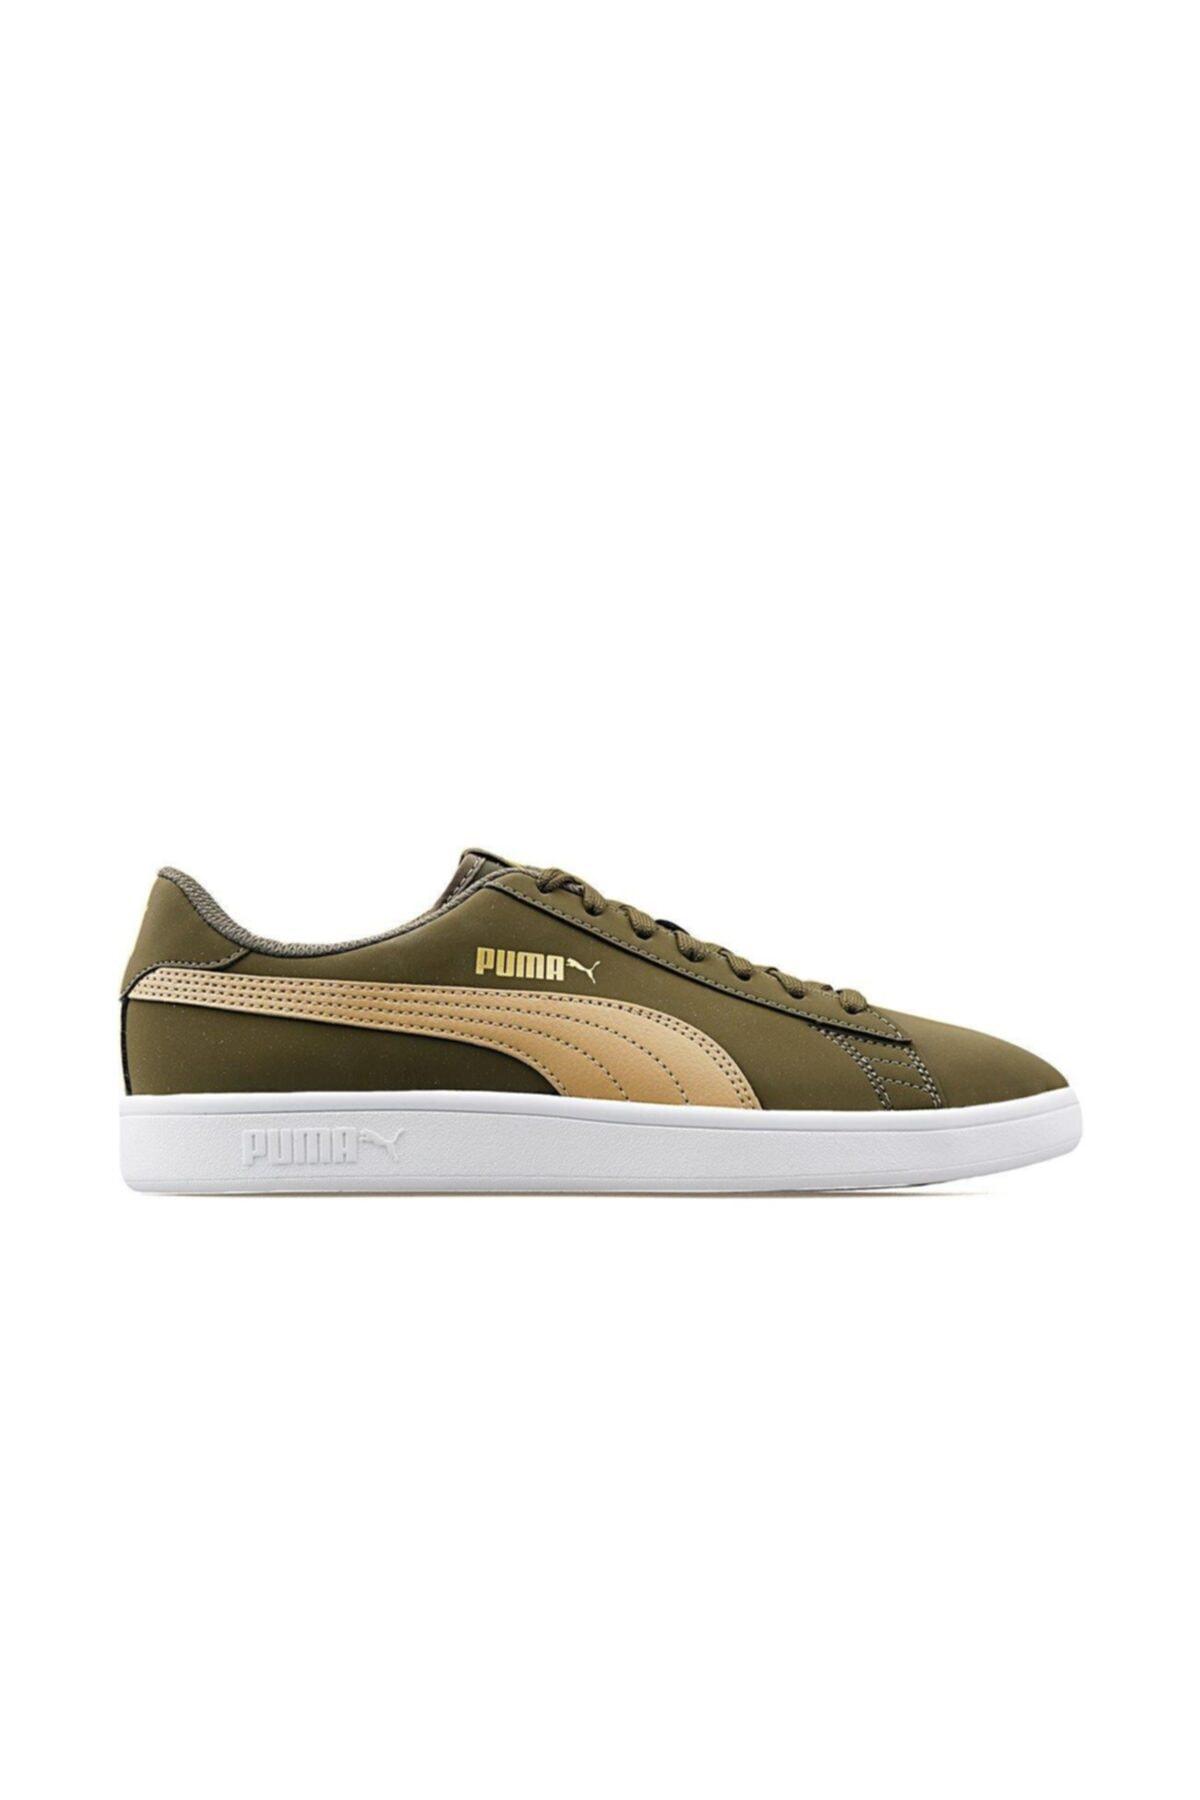 Puma 36516024 Smash V2 Buck Erkek Ayakkabı 1